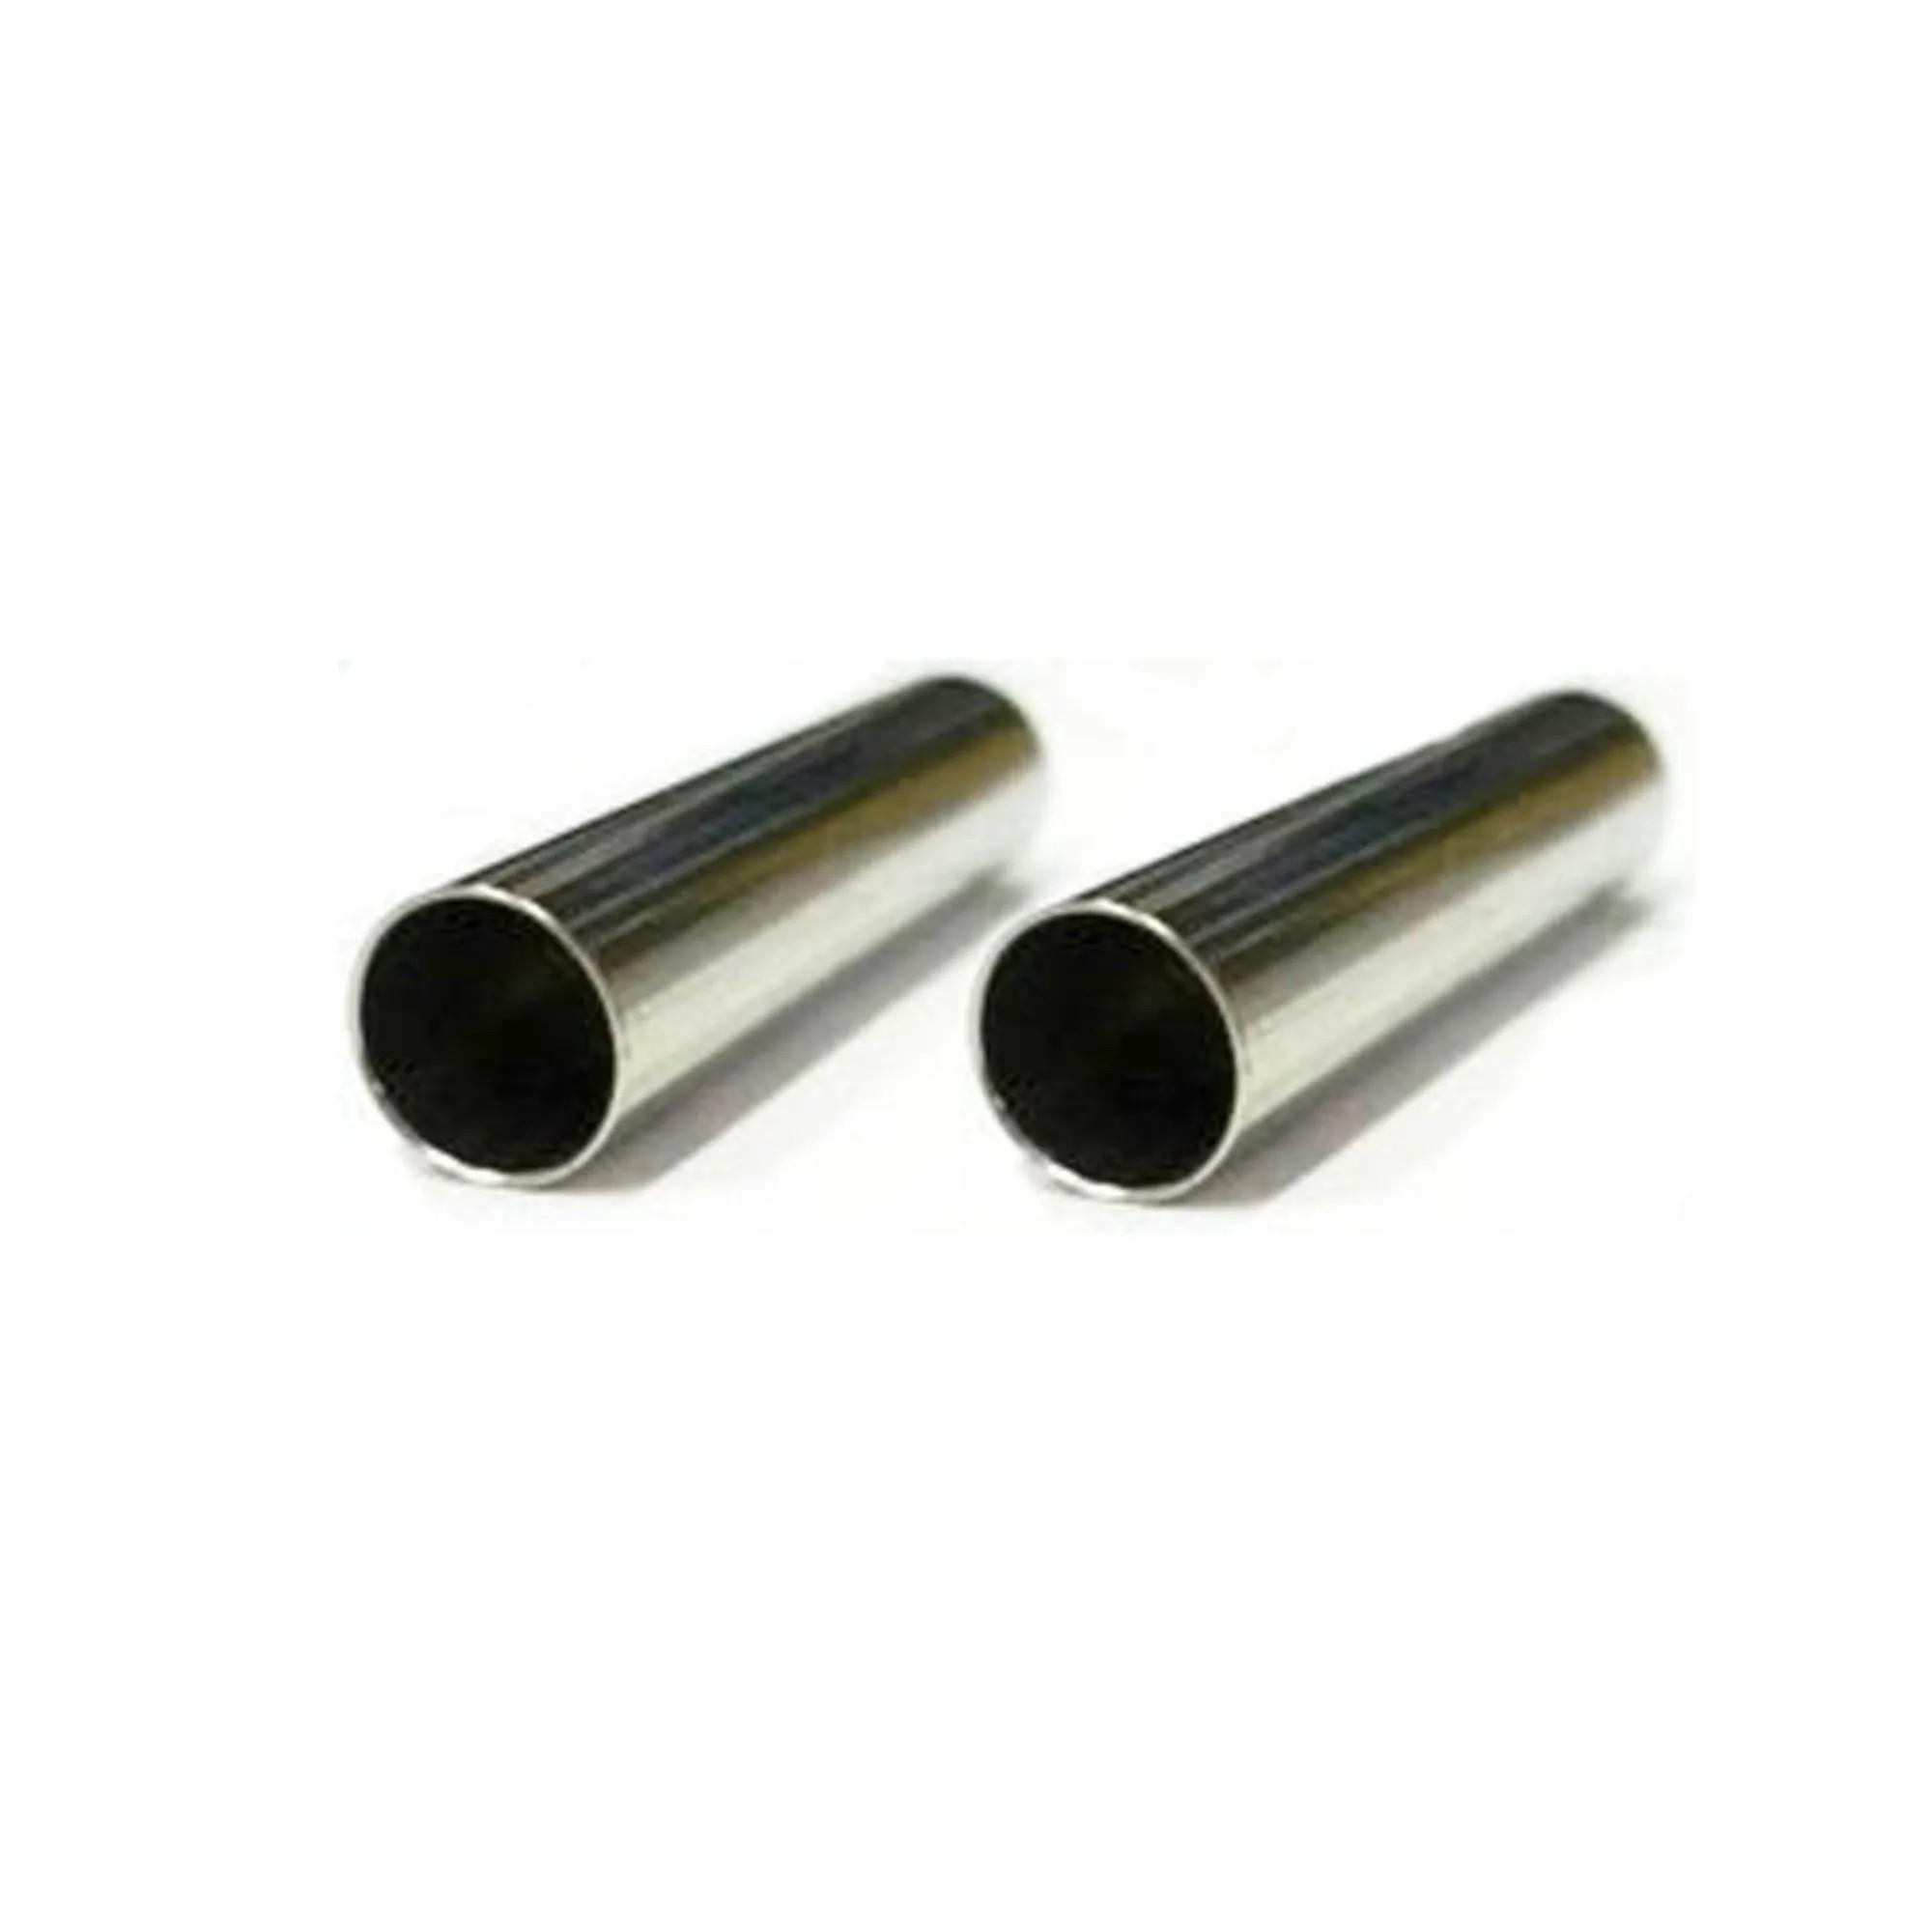 Luva Metal Cabo Aço nº 5 - 100 unidades  - Artpesca